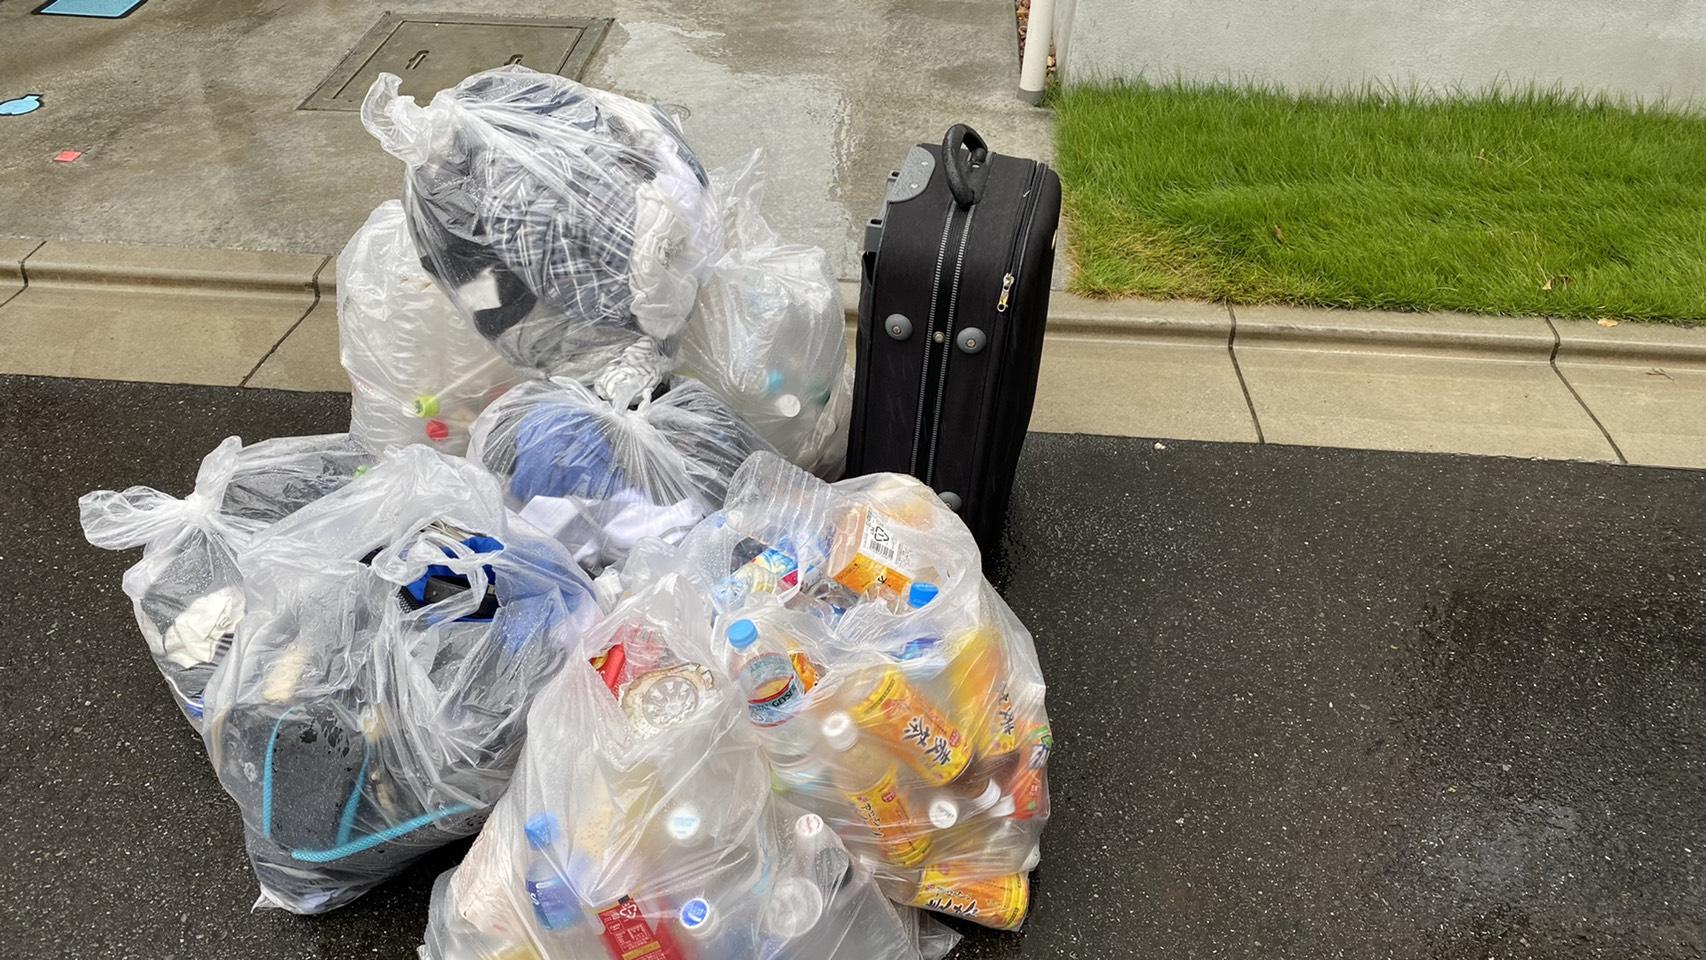 キャリーバック、衣類などの不用品の回収前